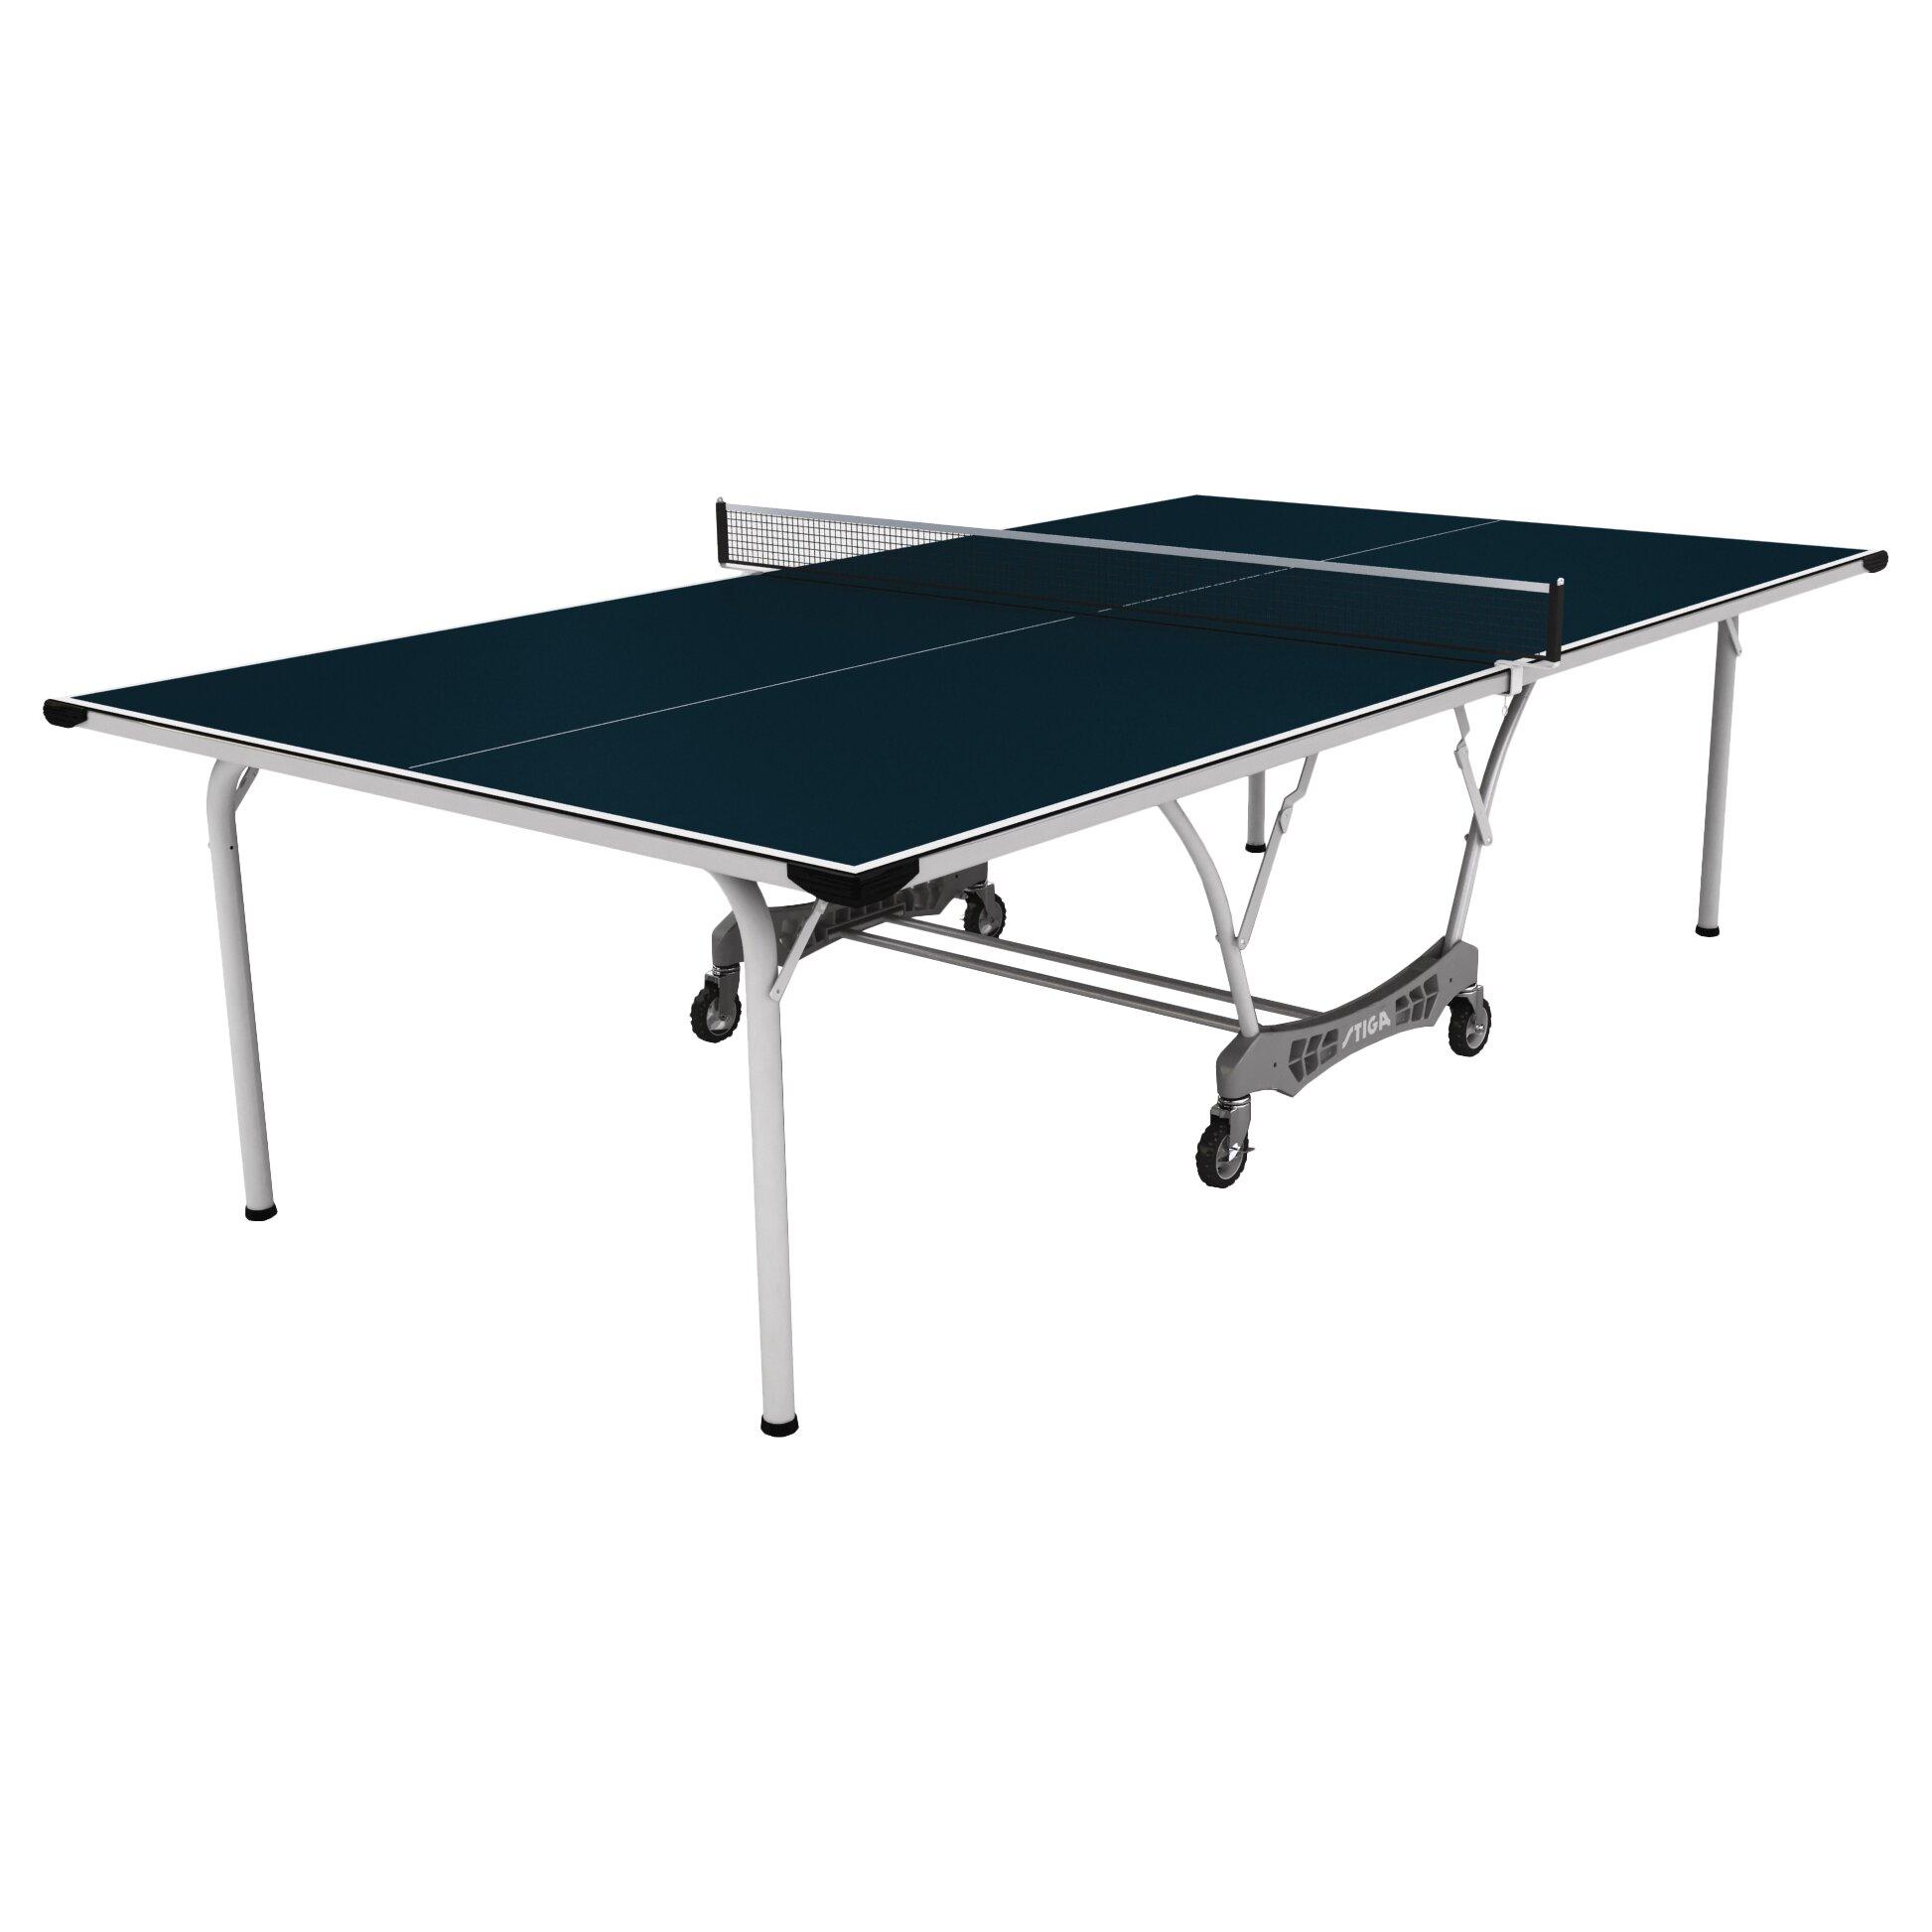 Stiga coronado 9 39 indoor outdoor table tennis table wayfair - Used outdoor table tennis tables for sale ...